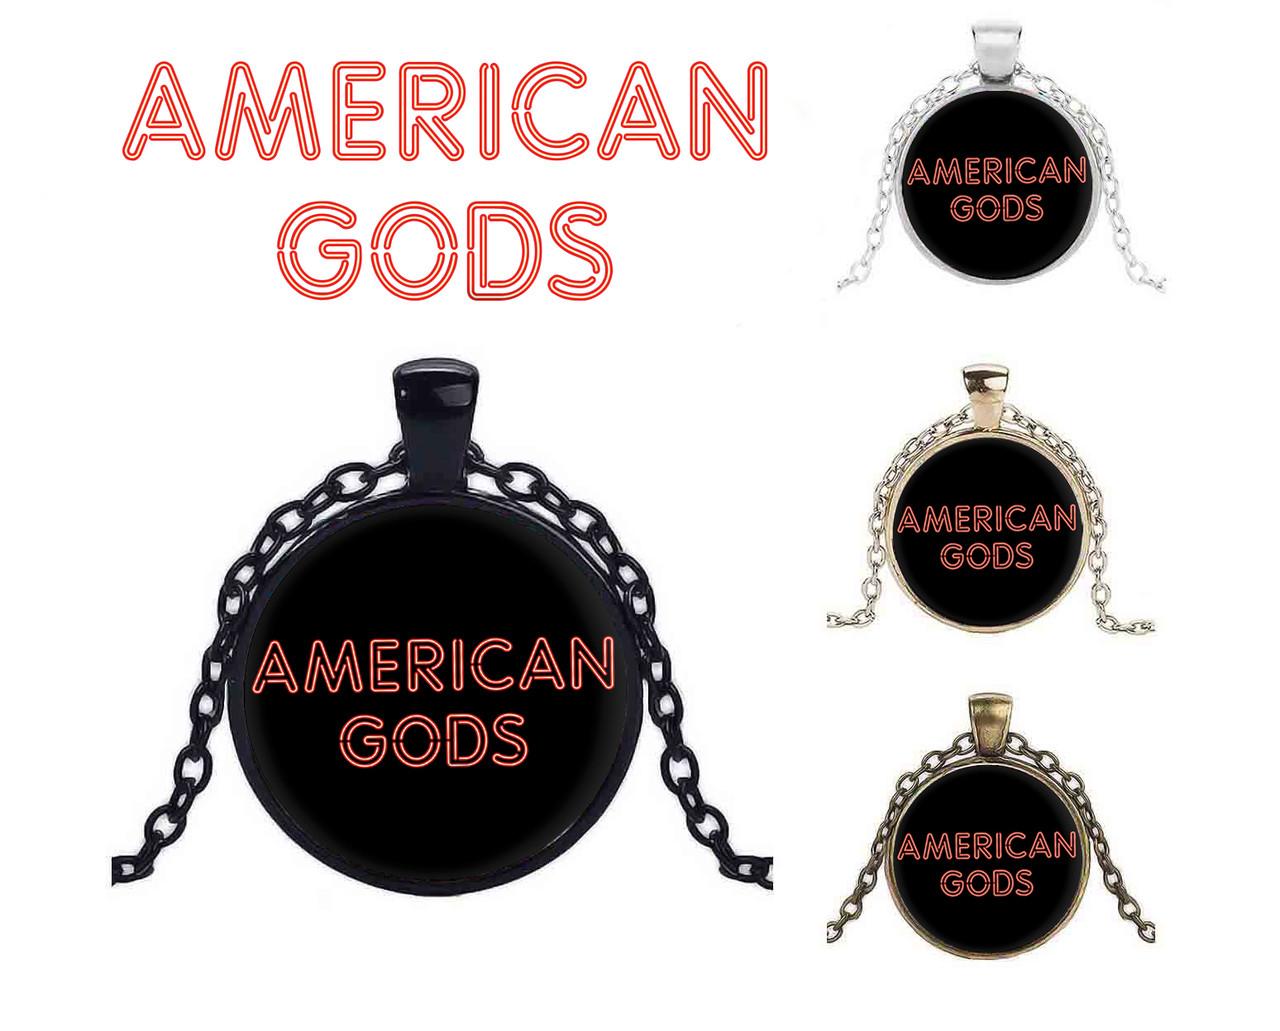 Кулон Американские боги / American Gods с названием